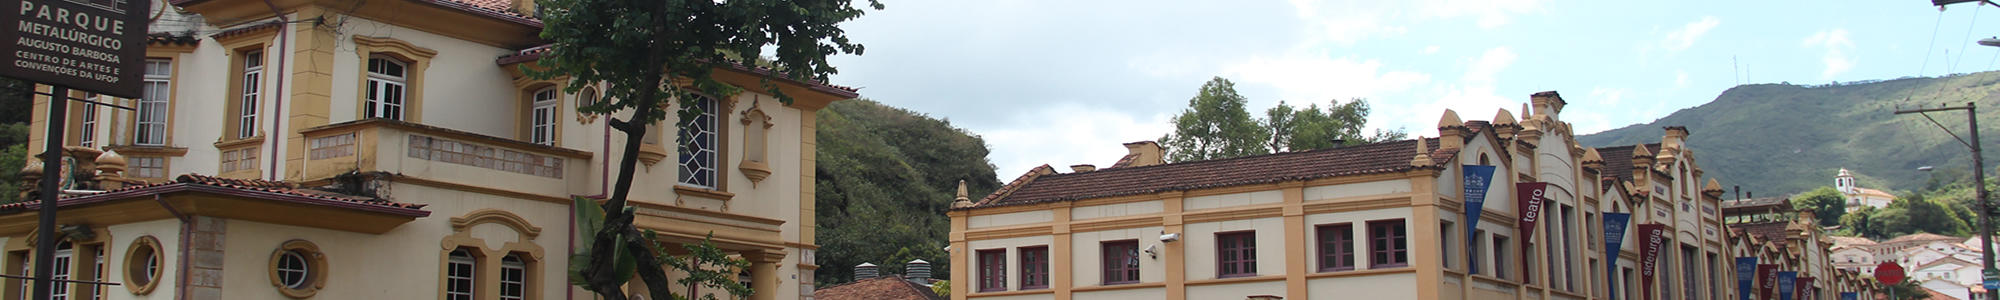 Imagem do Centro de Artes e Convenções